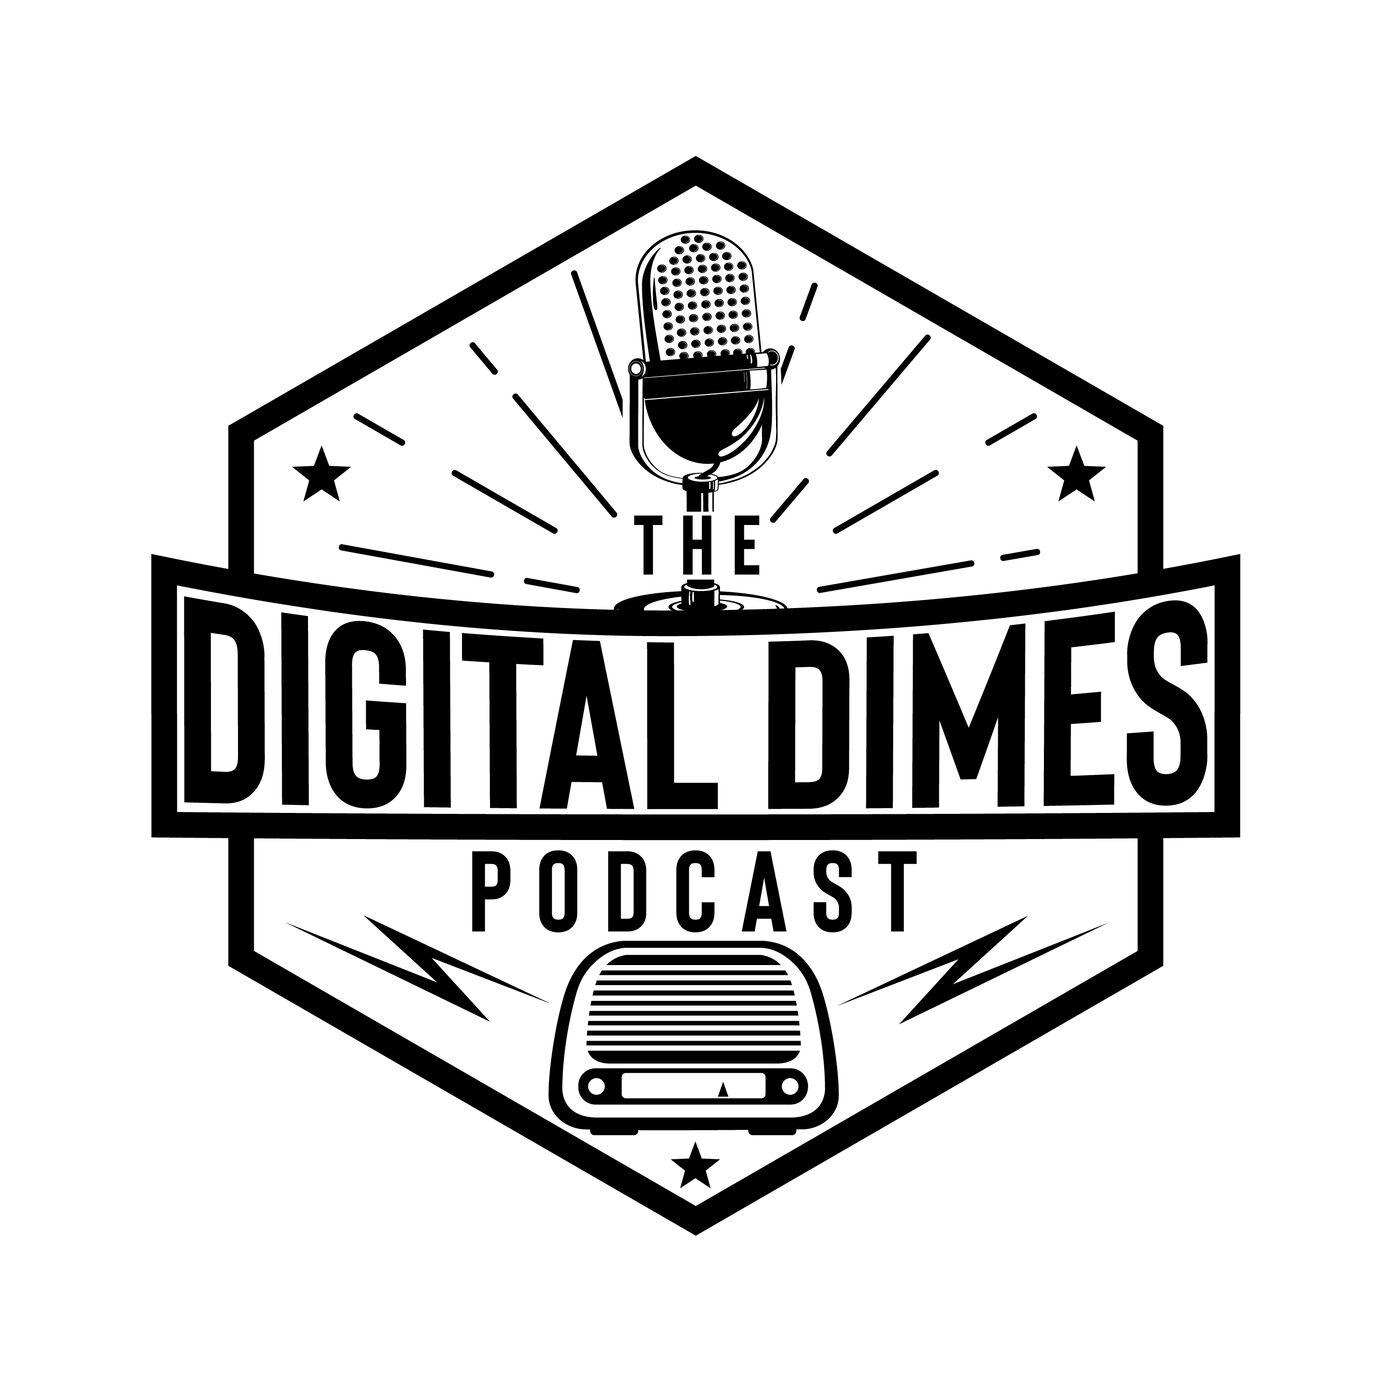 Digital Dimes Podcast Episode 2